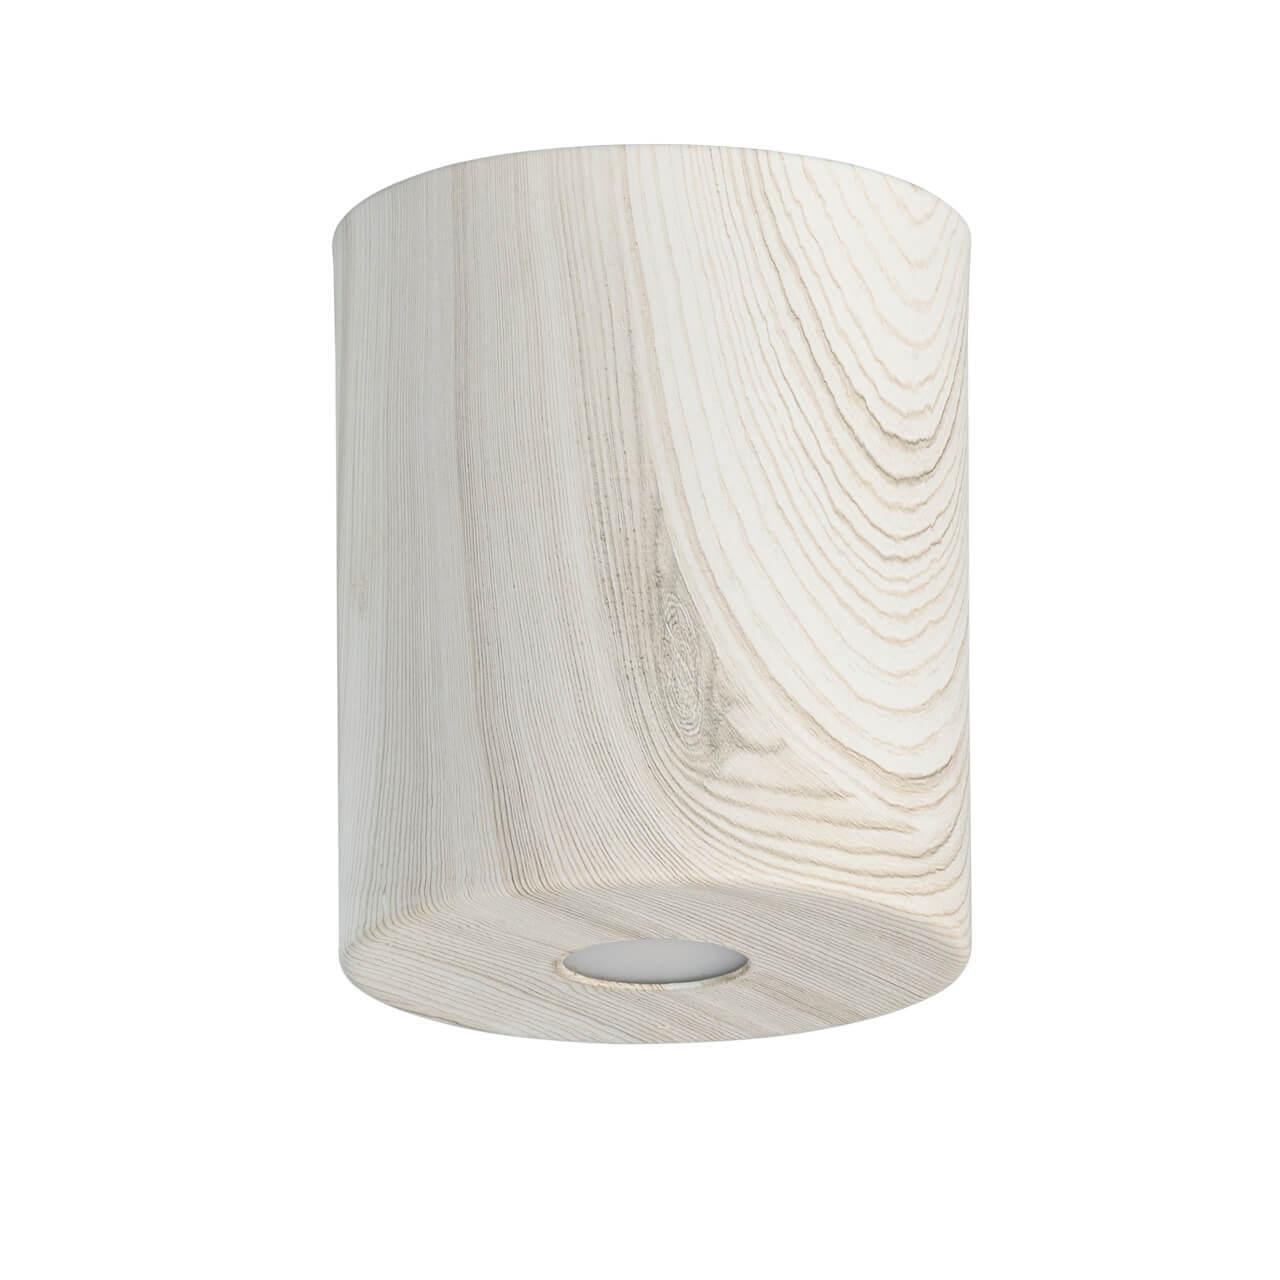 Фото - Потолочный светильник De Markt 712010801, серый потолочный светодиодный светильник regenbogen life иланг 5 712010601